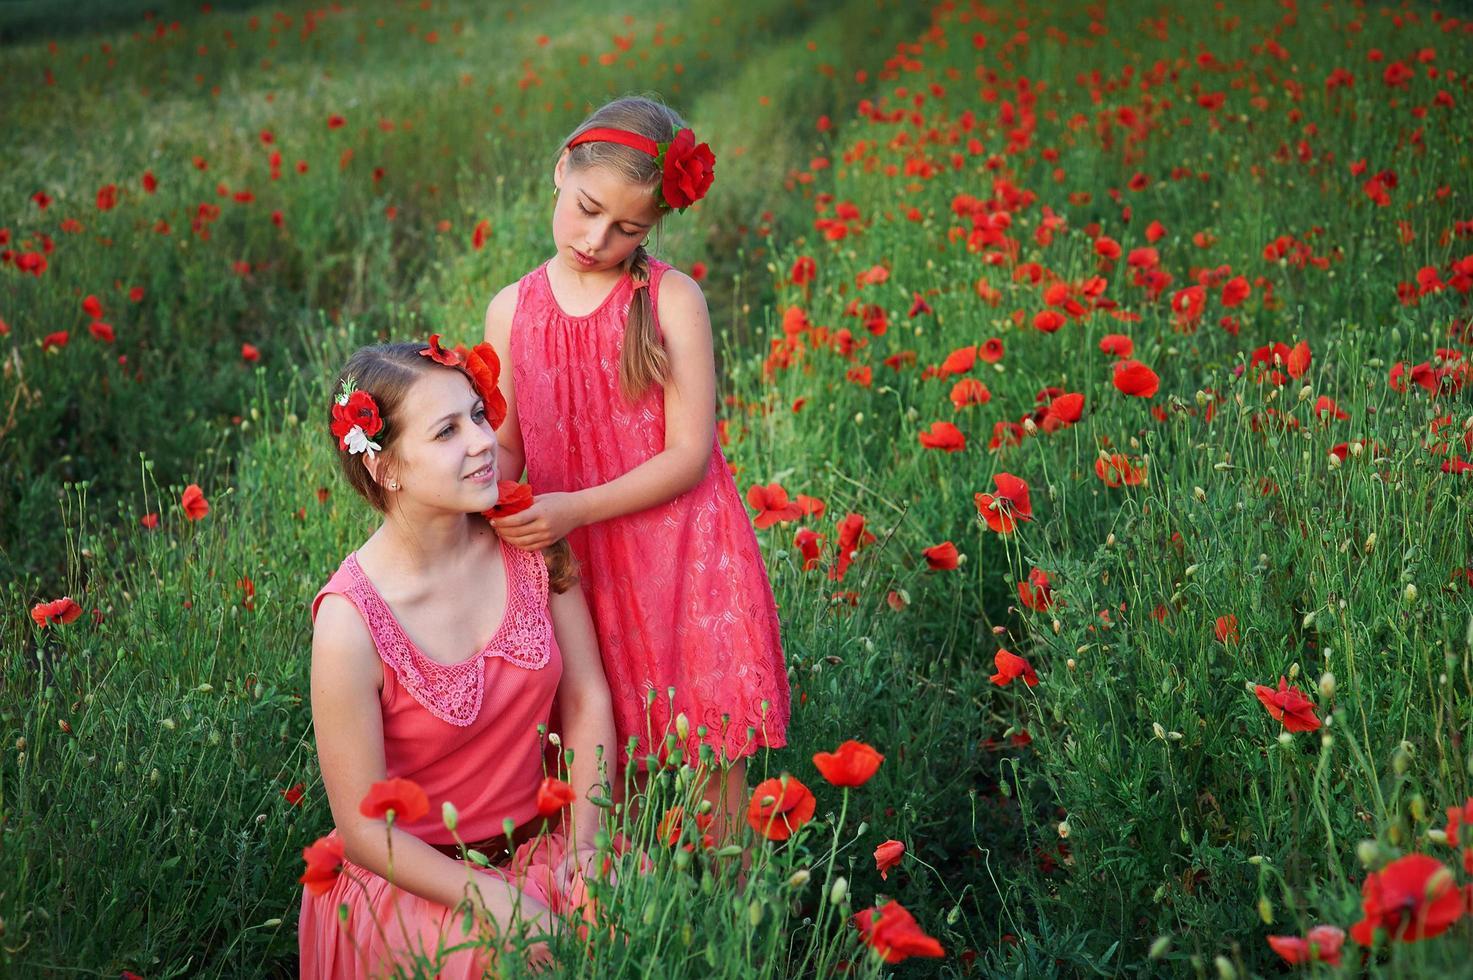 deux filles en robes roses dans un champ de pavot photo